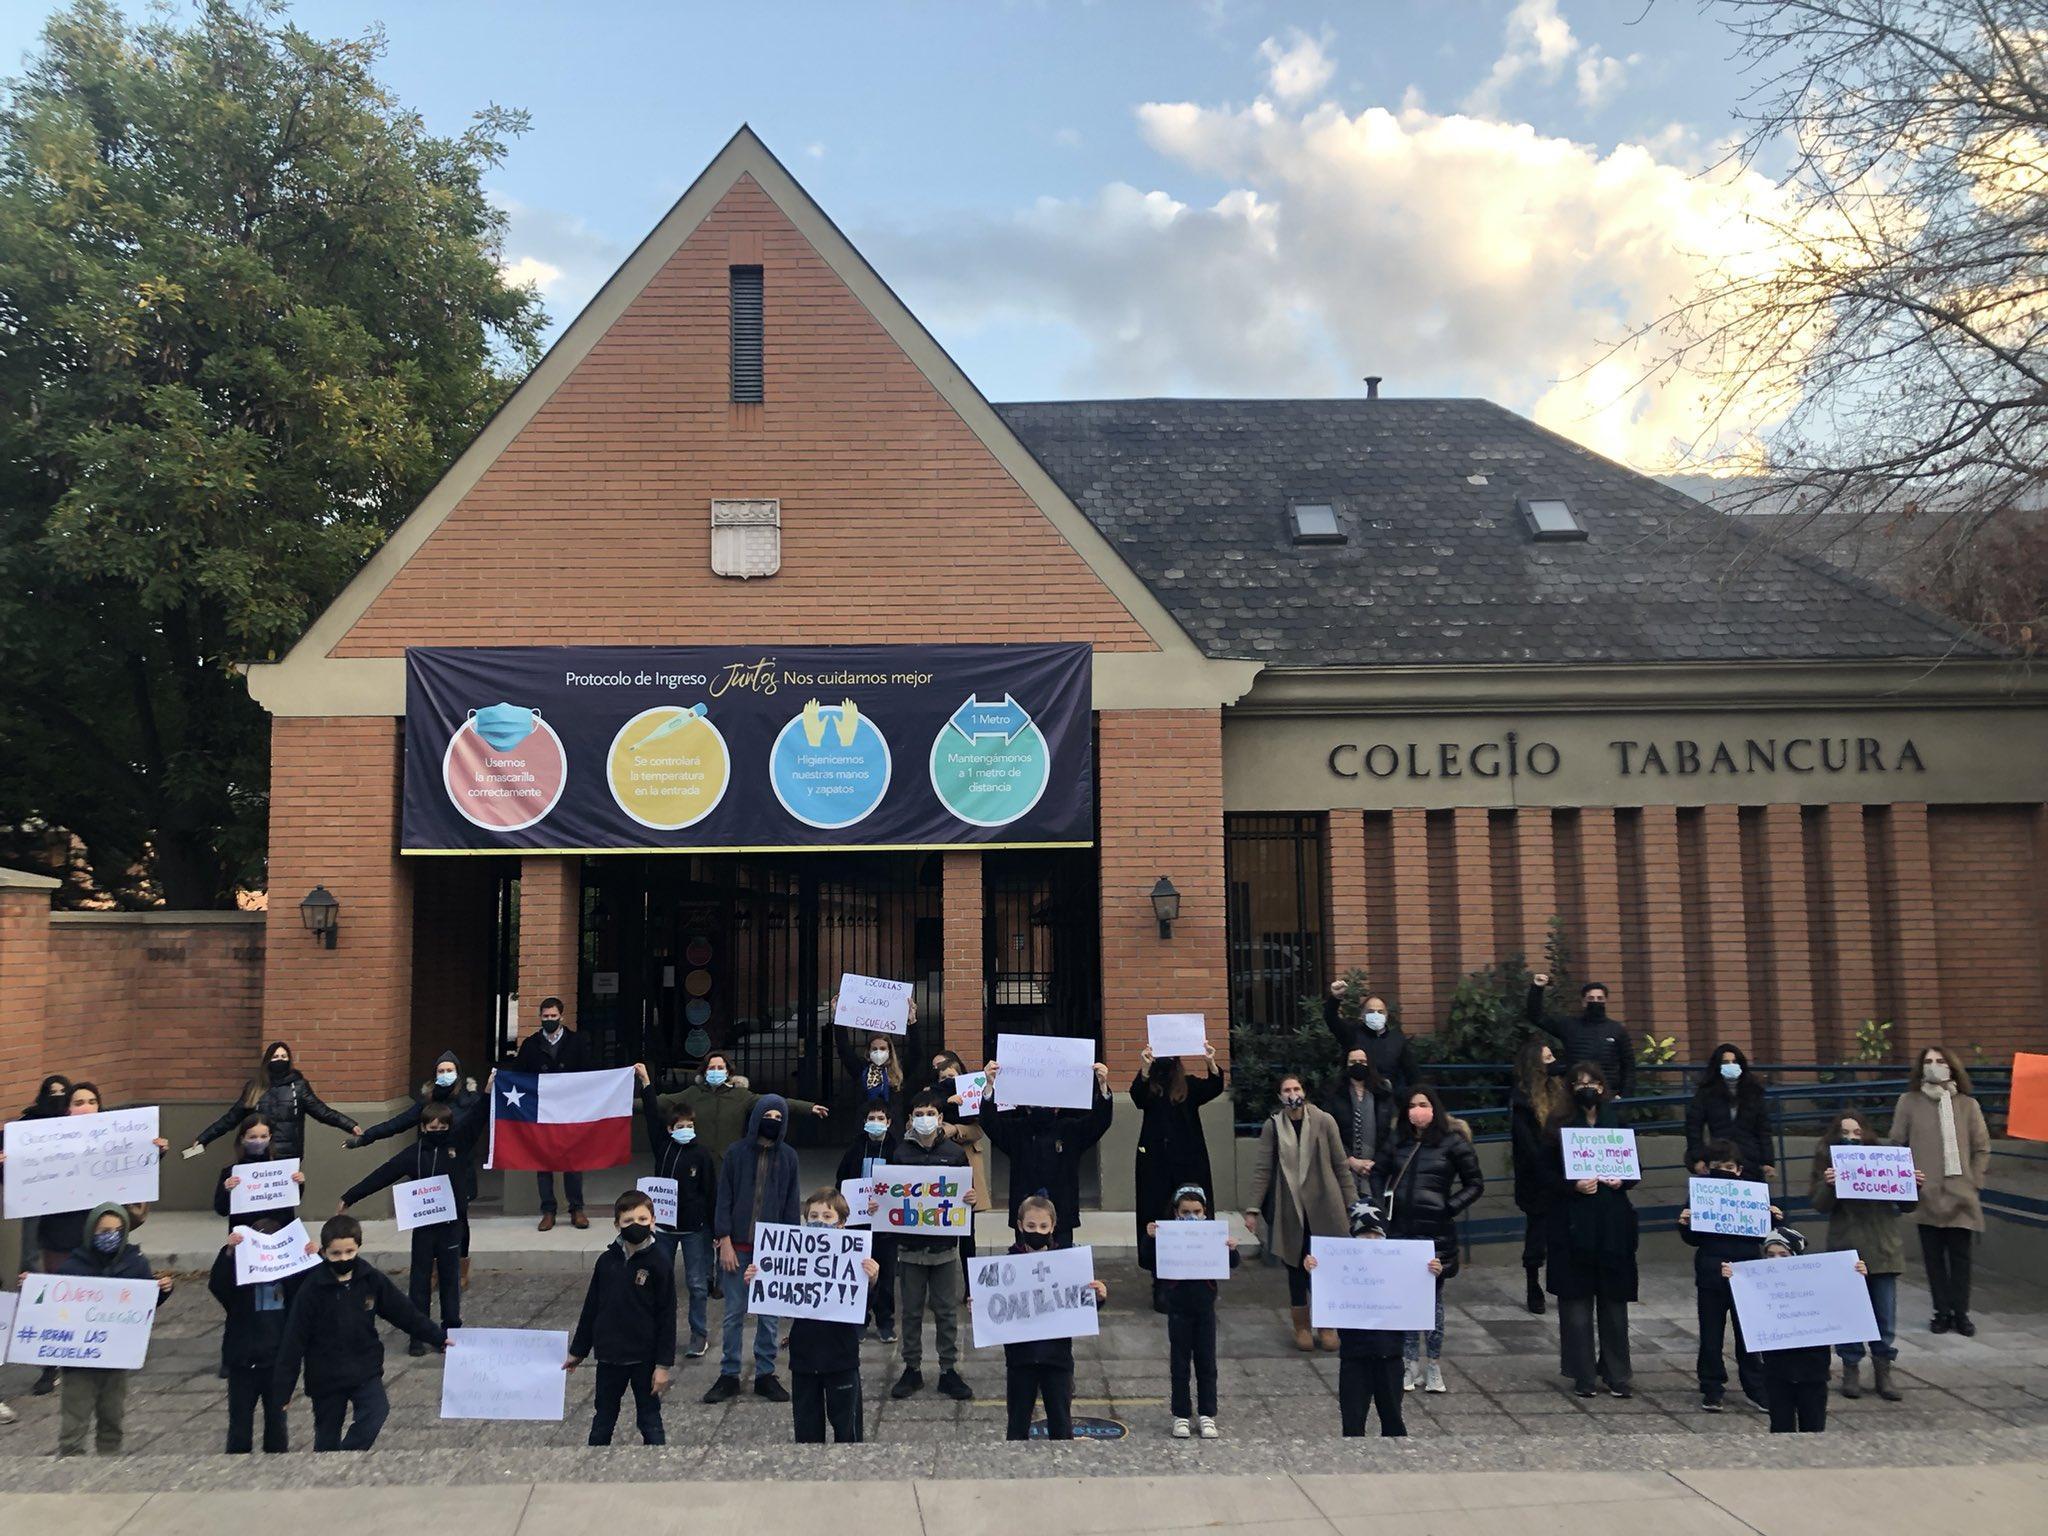 Apoderados y alumnos protestan para que se abran las escuelas